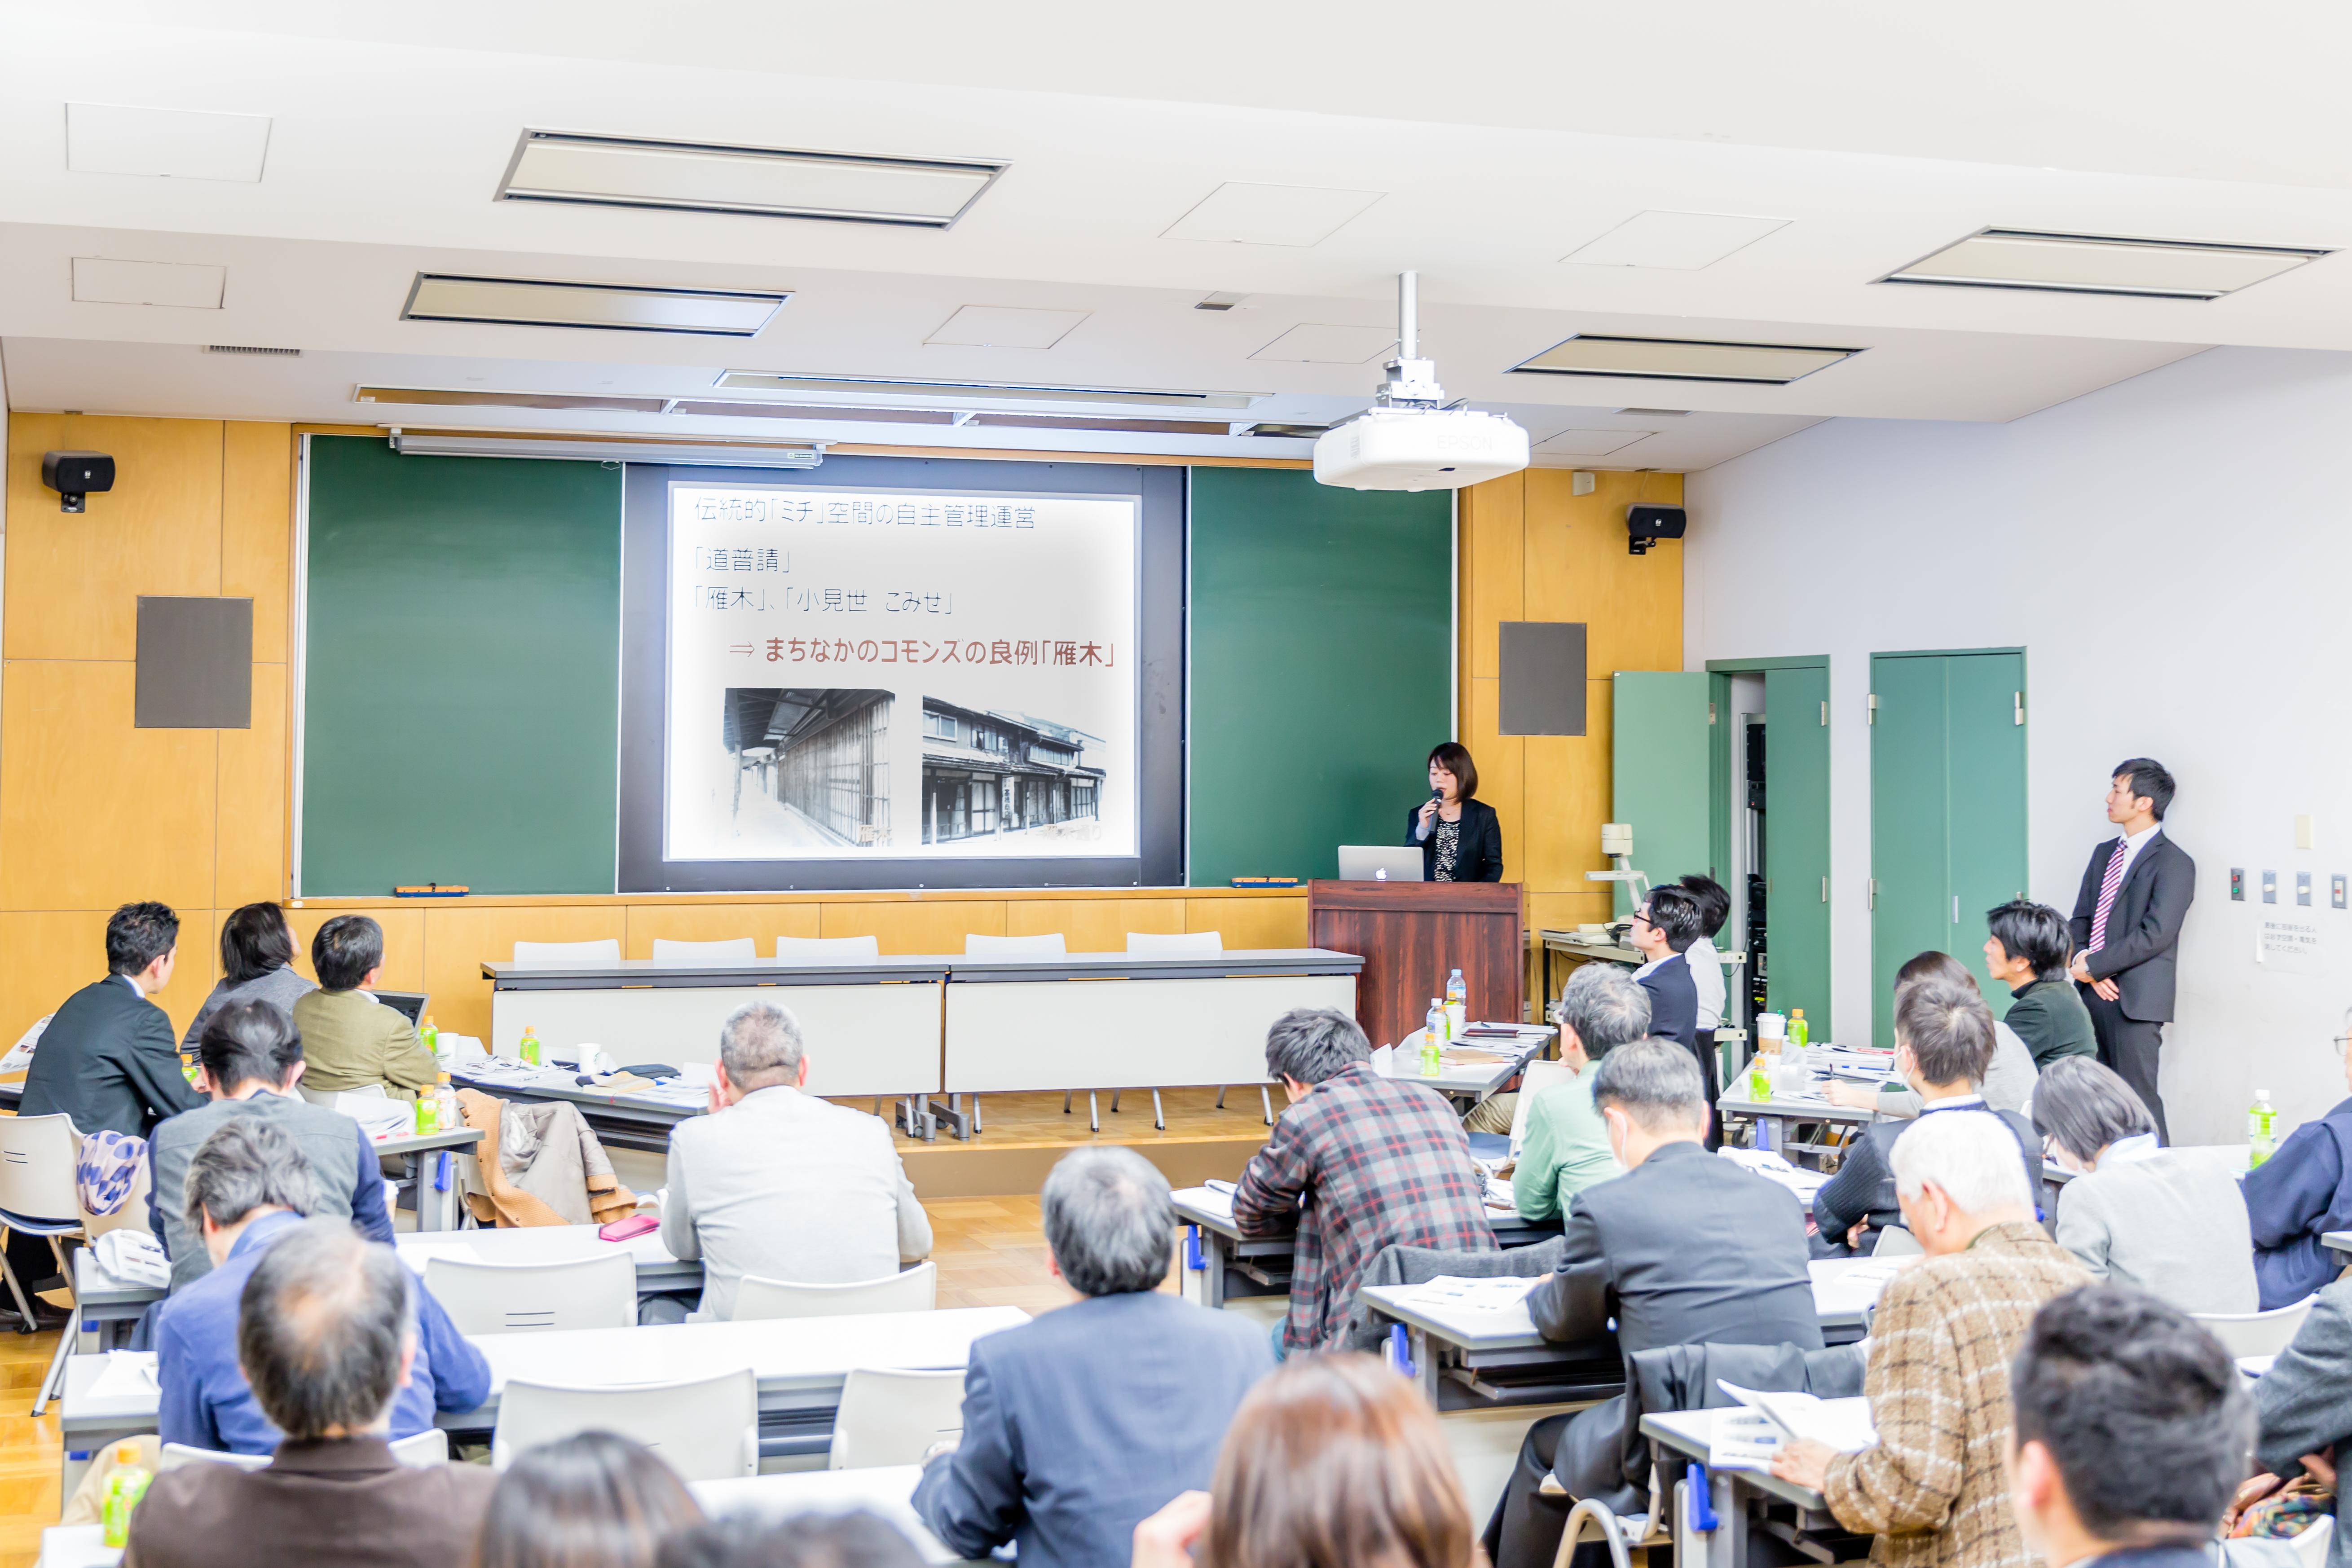 長先生「ストリート・コモンズー新潟県内における雁木空間のマネジメント」